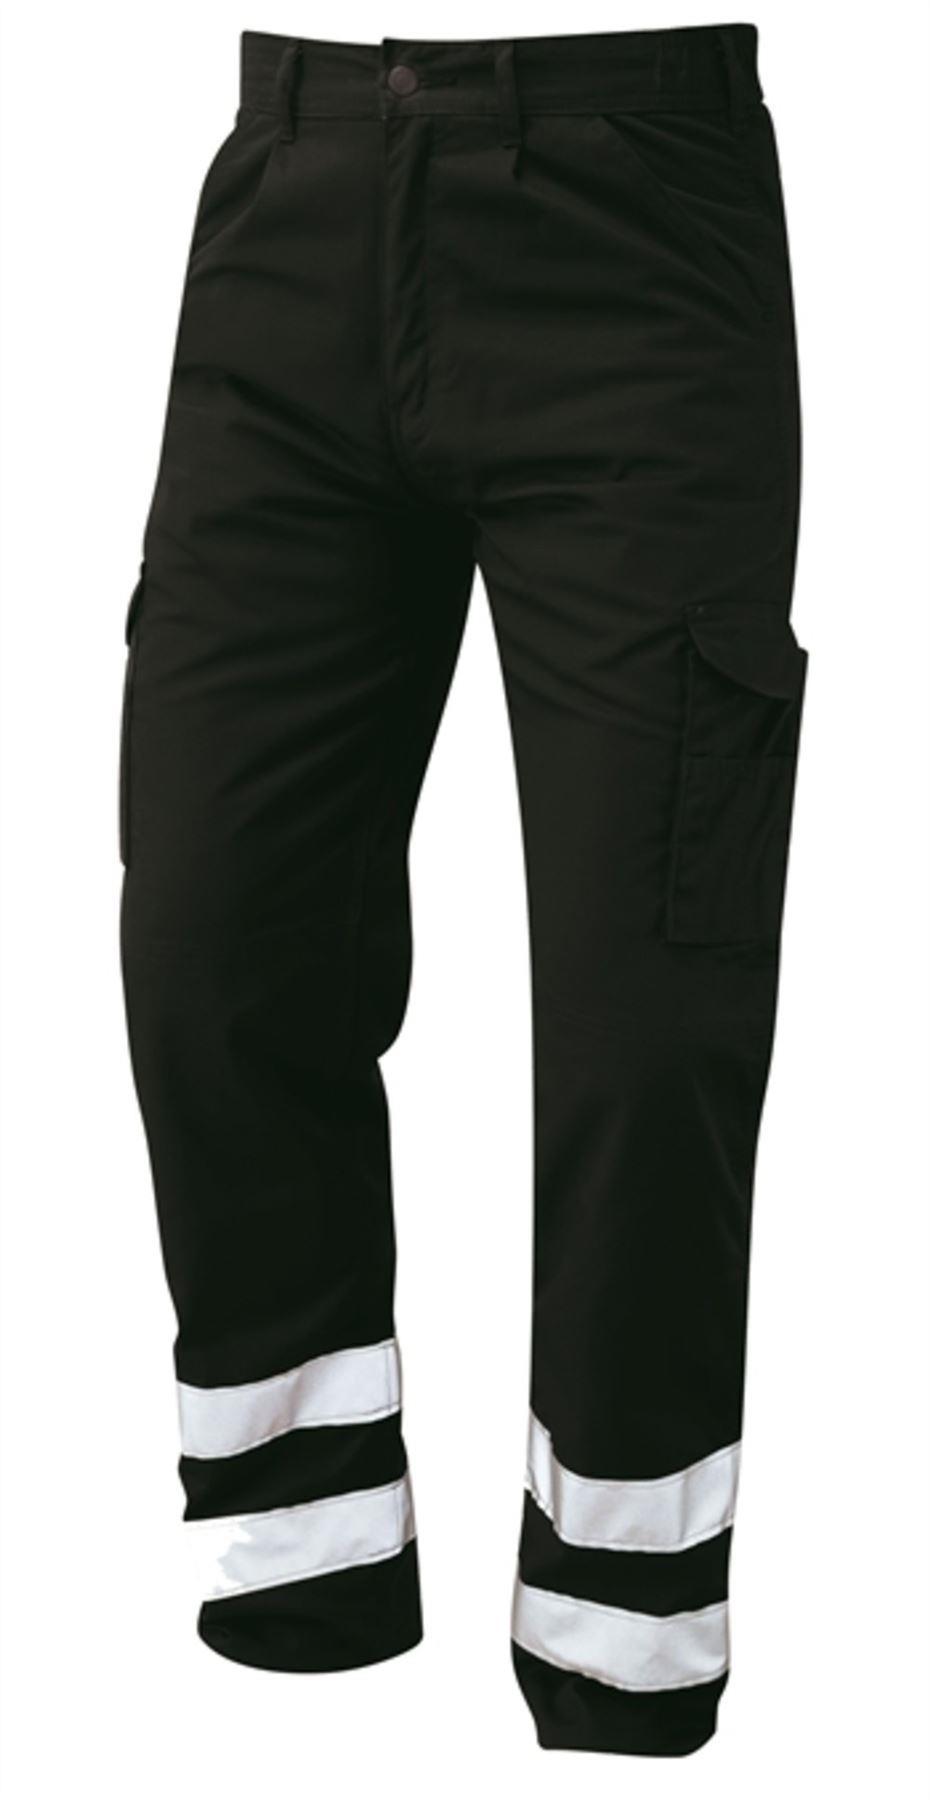 Orn Condor Hi Vis Kneepad Trousers - Black|54W35L